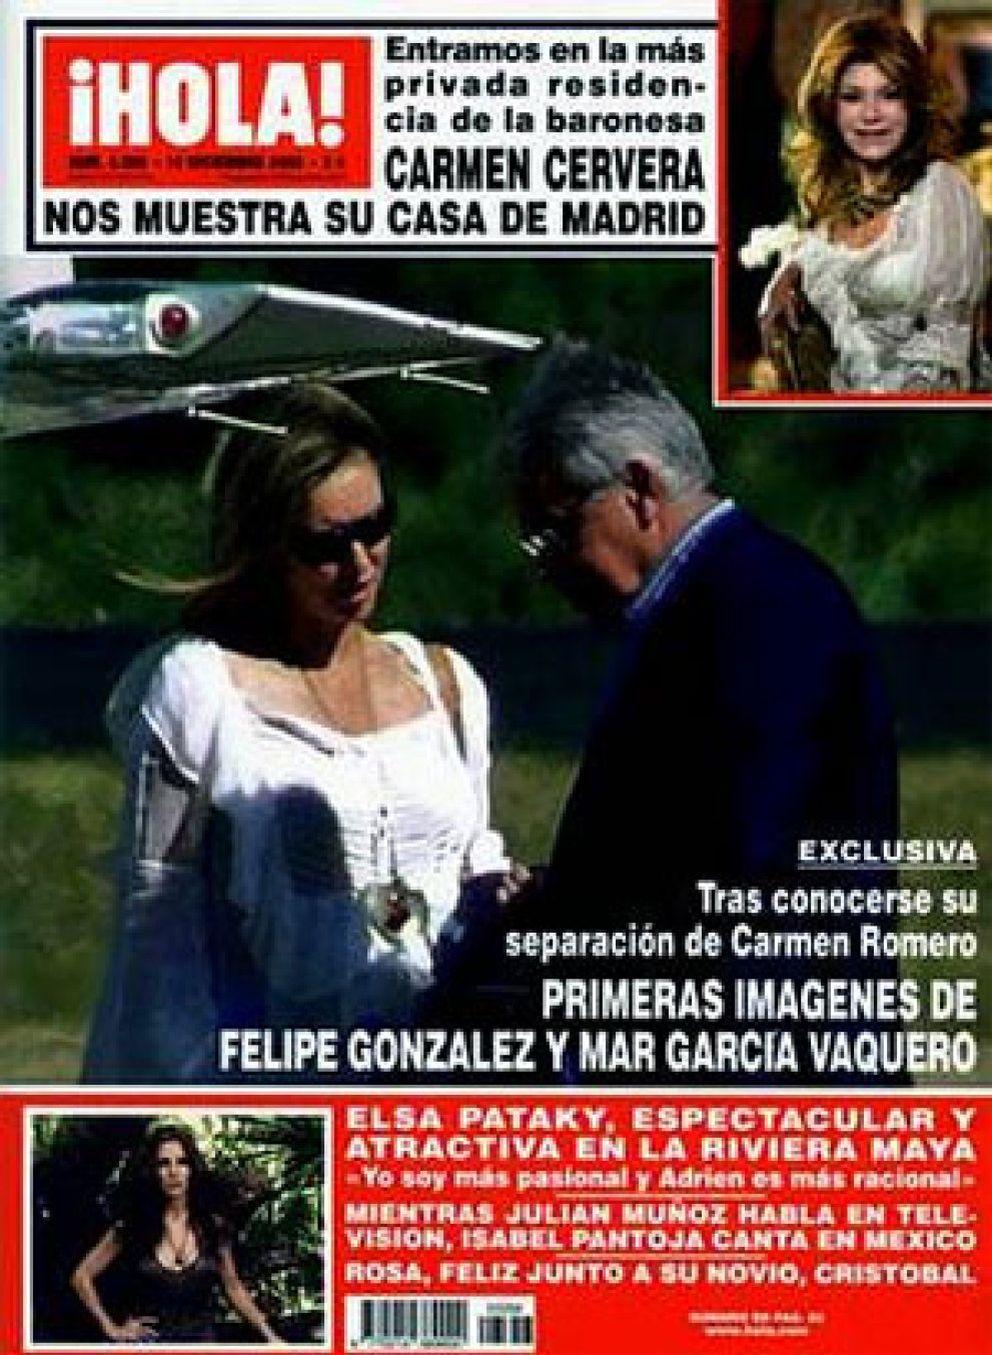 Foto: La princesa y la novia de González coinciden en gustos